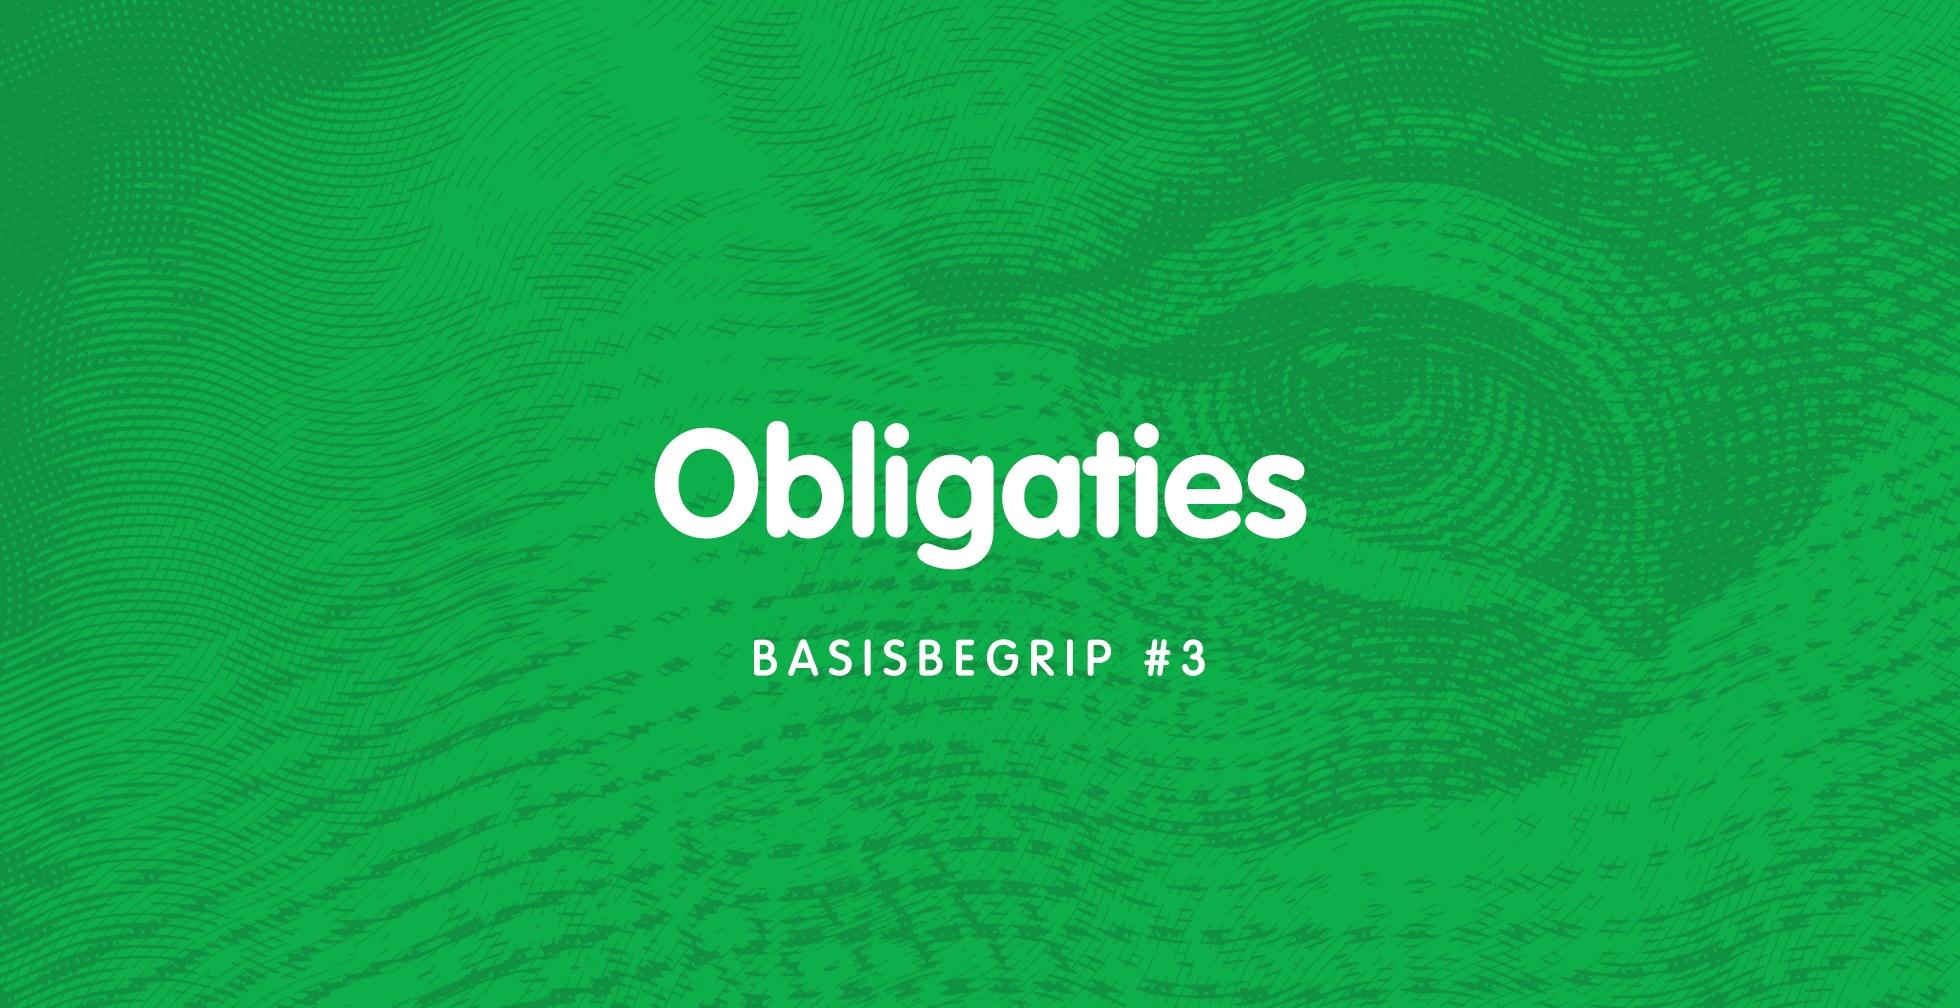 Basisbegrip #3: Obligaties